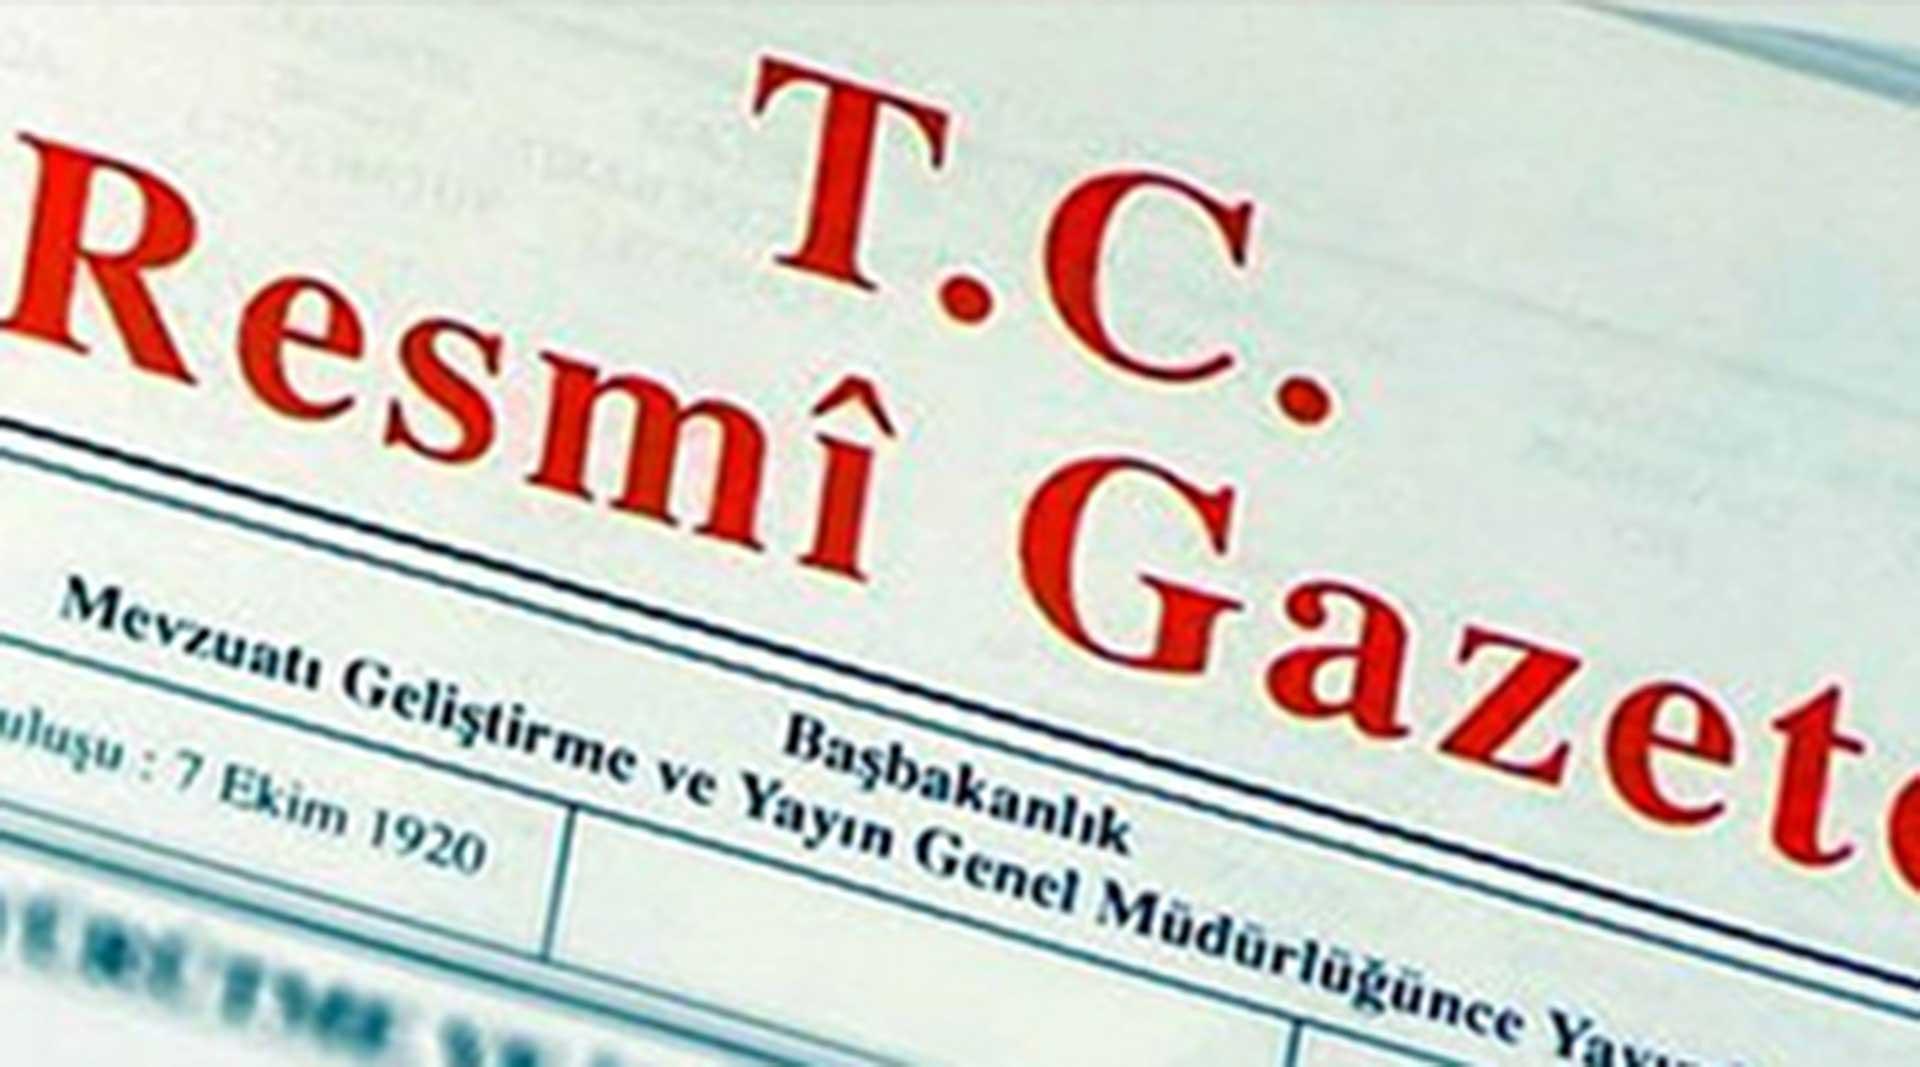 Vergi ve Diğer Bazı Alacakların Yeniden Yapılandırılması ile Bazı Kanunlarda Değişiklik Yapılmasına İlişkin 7134 sayılı Kanun yayımlanmıştır